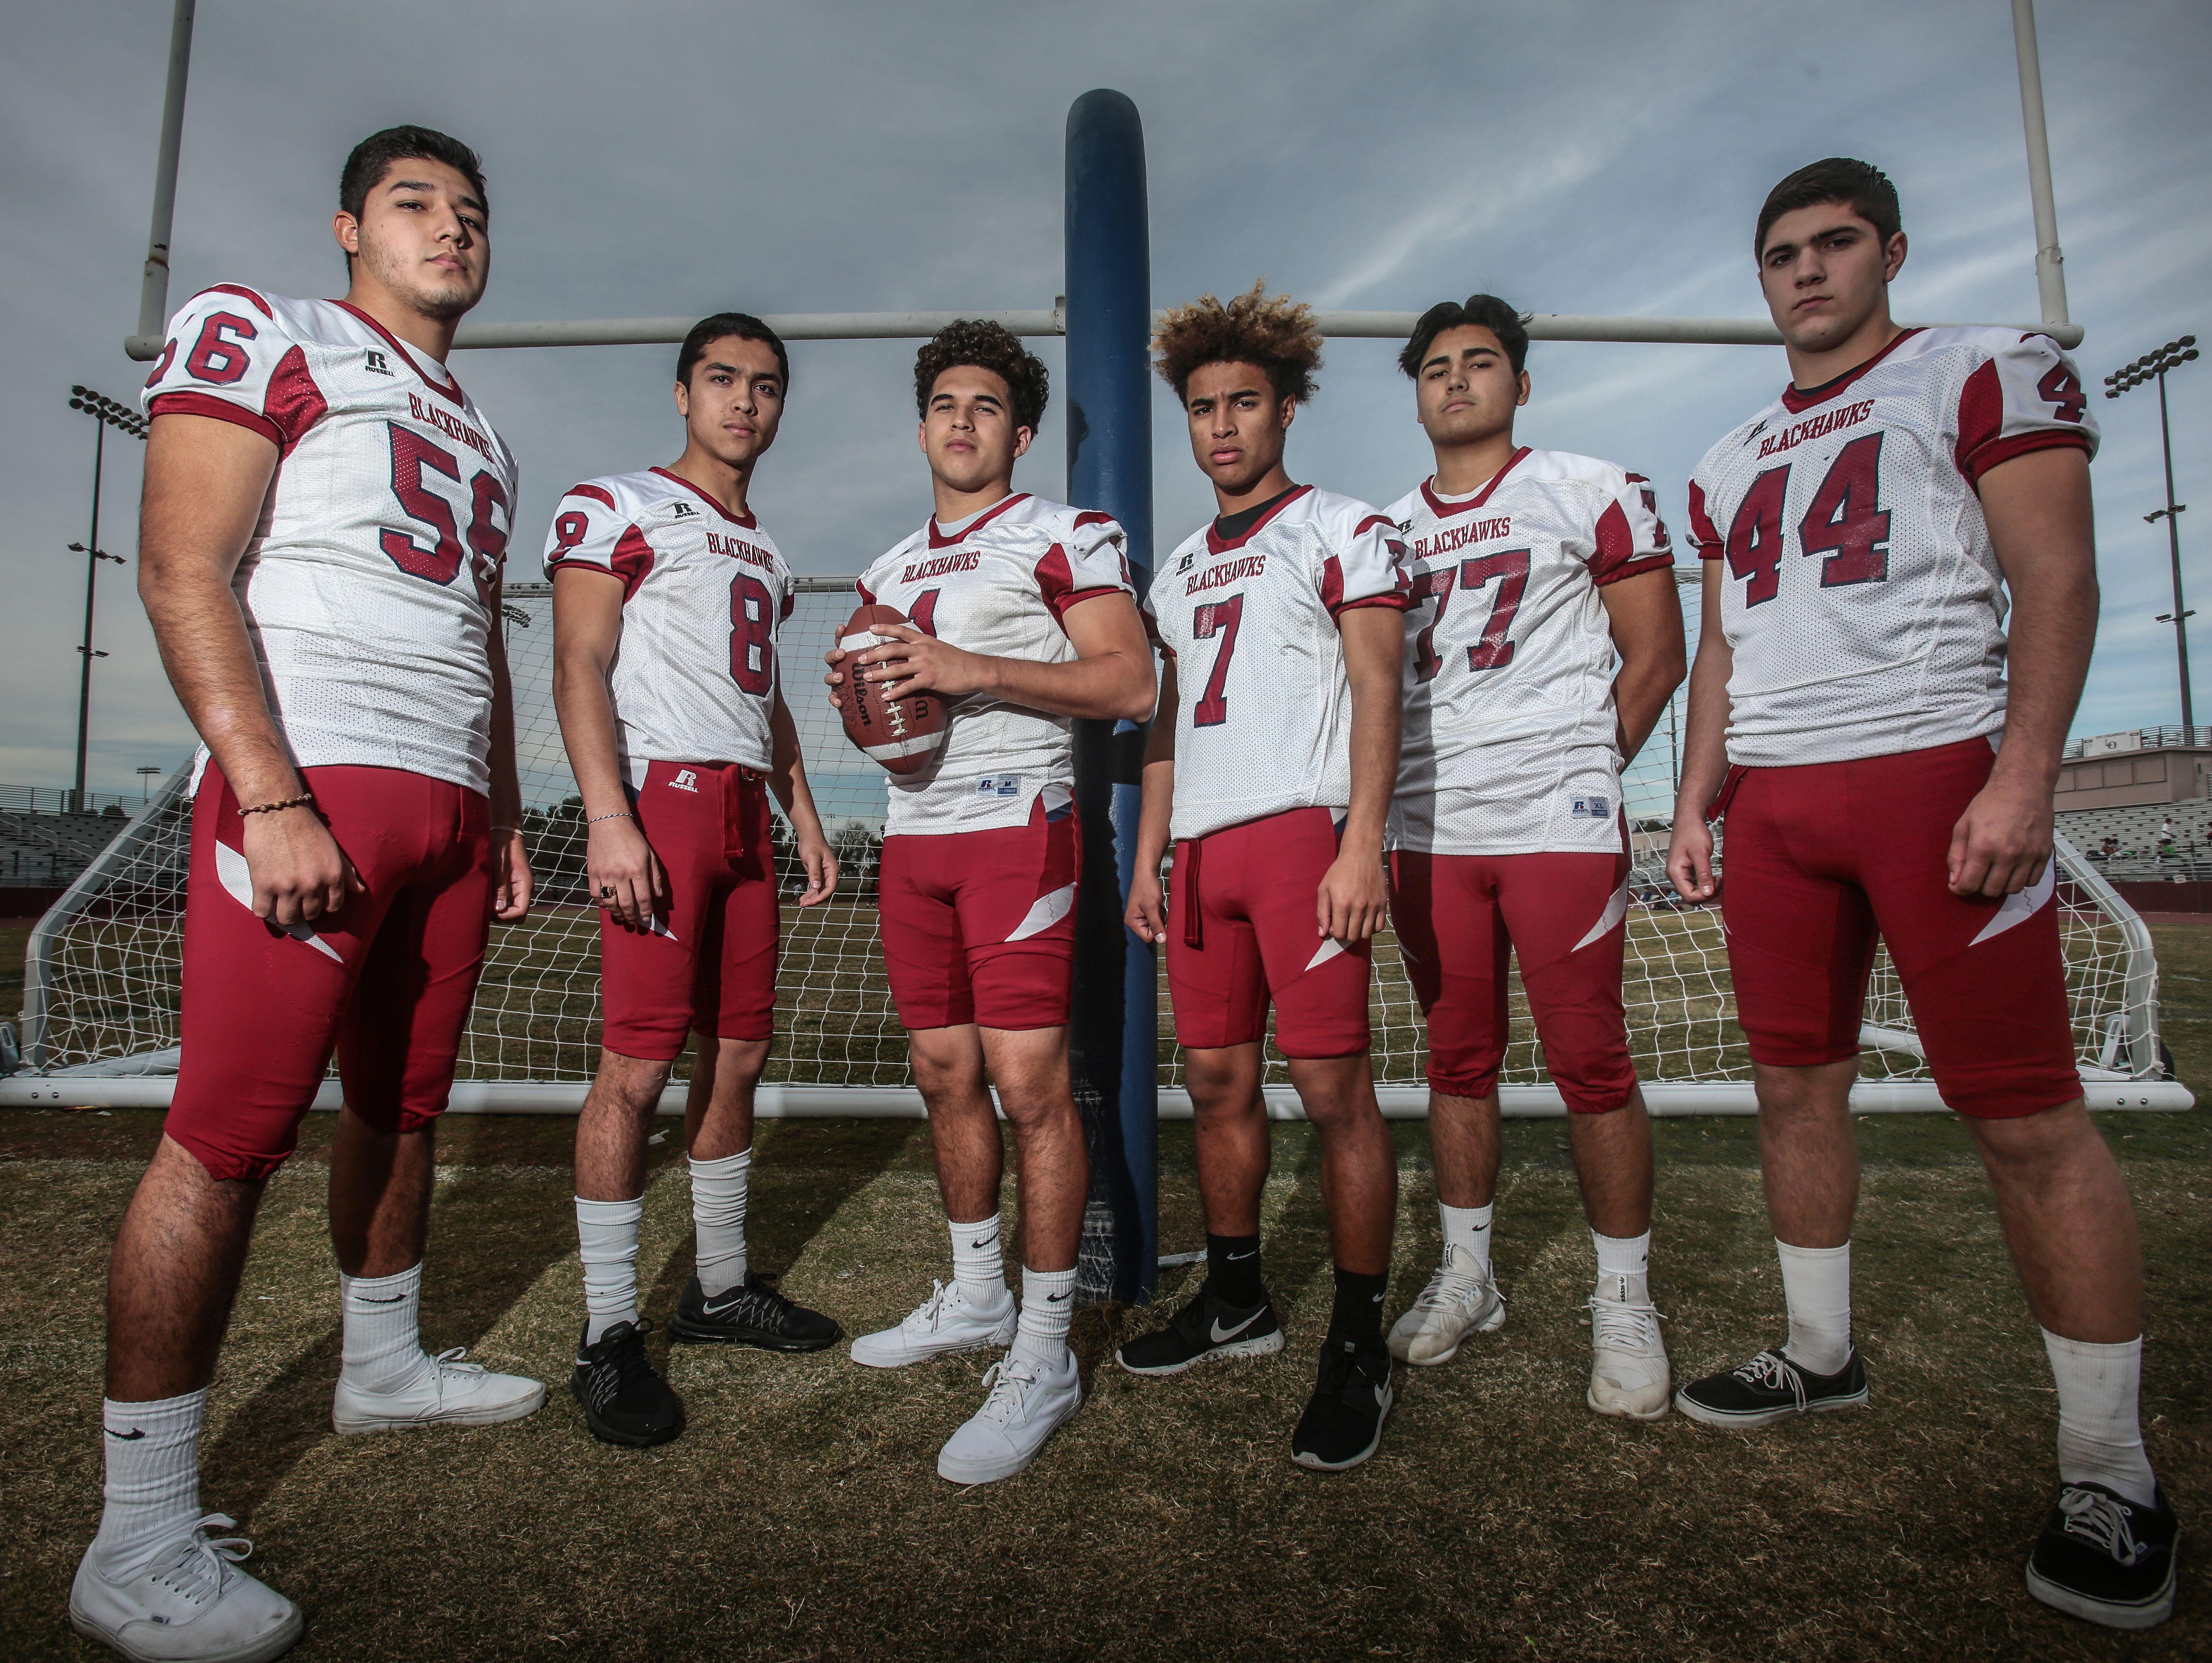 (From the left) La Quinta High football players Robert Cruz, Ricky Vargas, Benji Cordova, Justin Anderson, Matt Rodriguez, Gordon Haskell on Wednesday, December 14, 2016 in La Quinta.